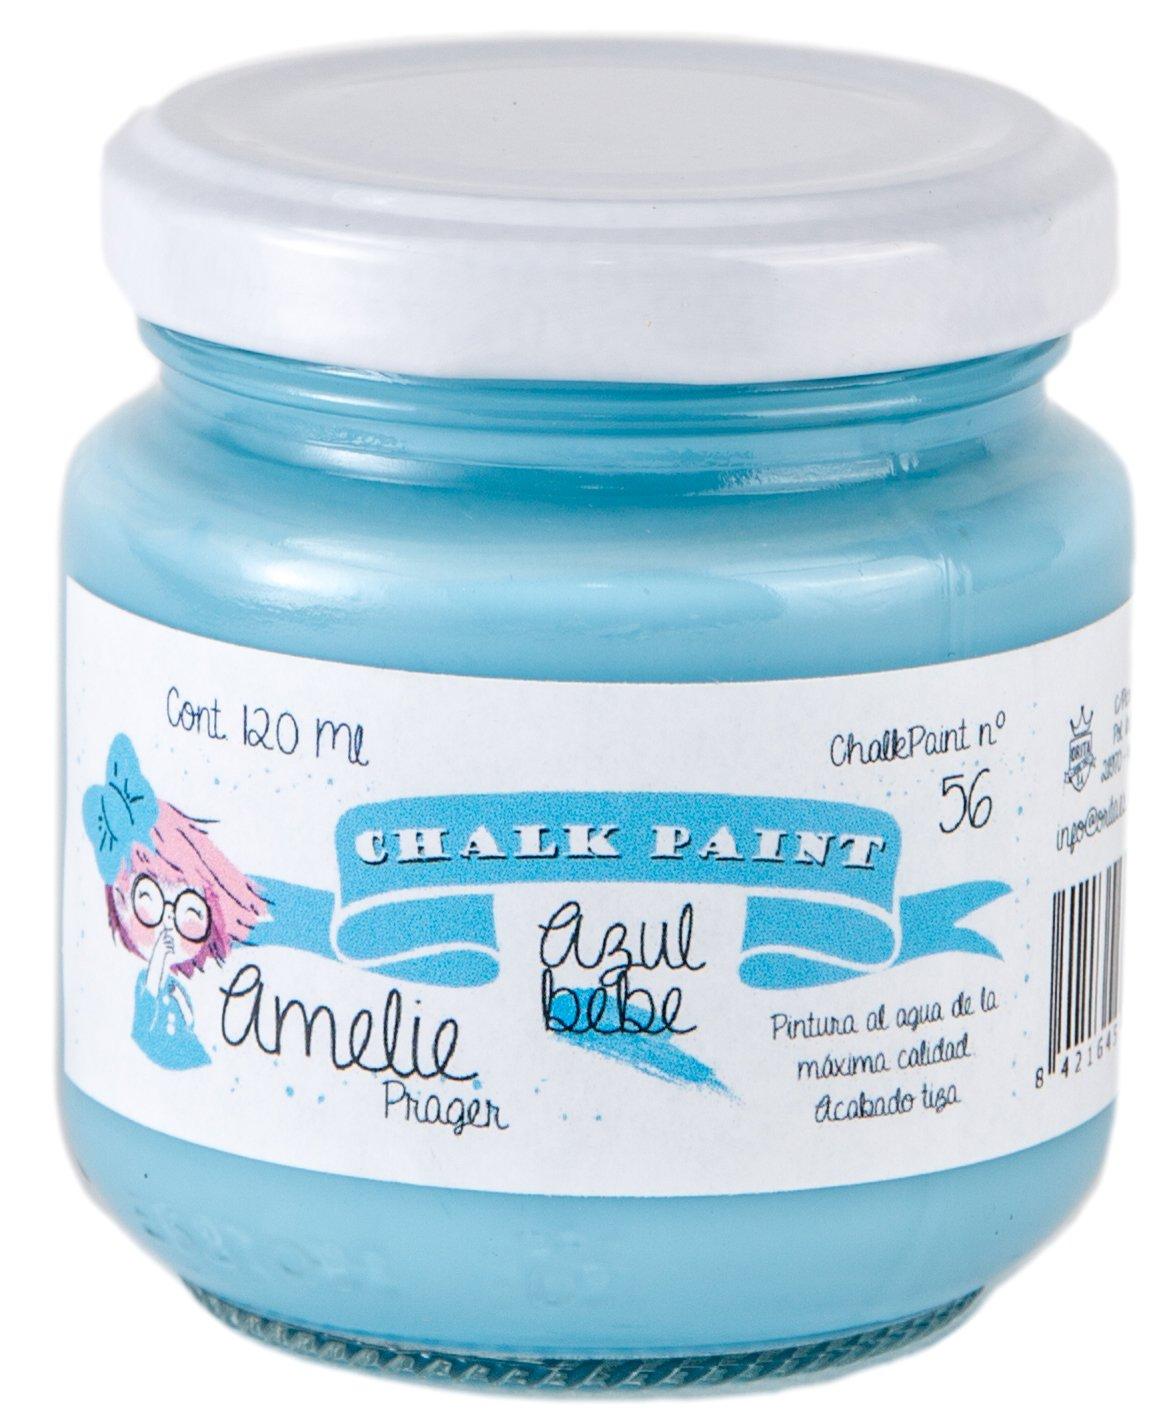 Amelie Prager 120–56peinture à la craie, bleu bébé, 120ml bleu bébé 120ml Orita 120-56